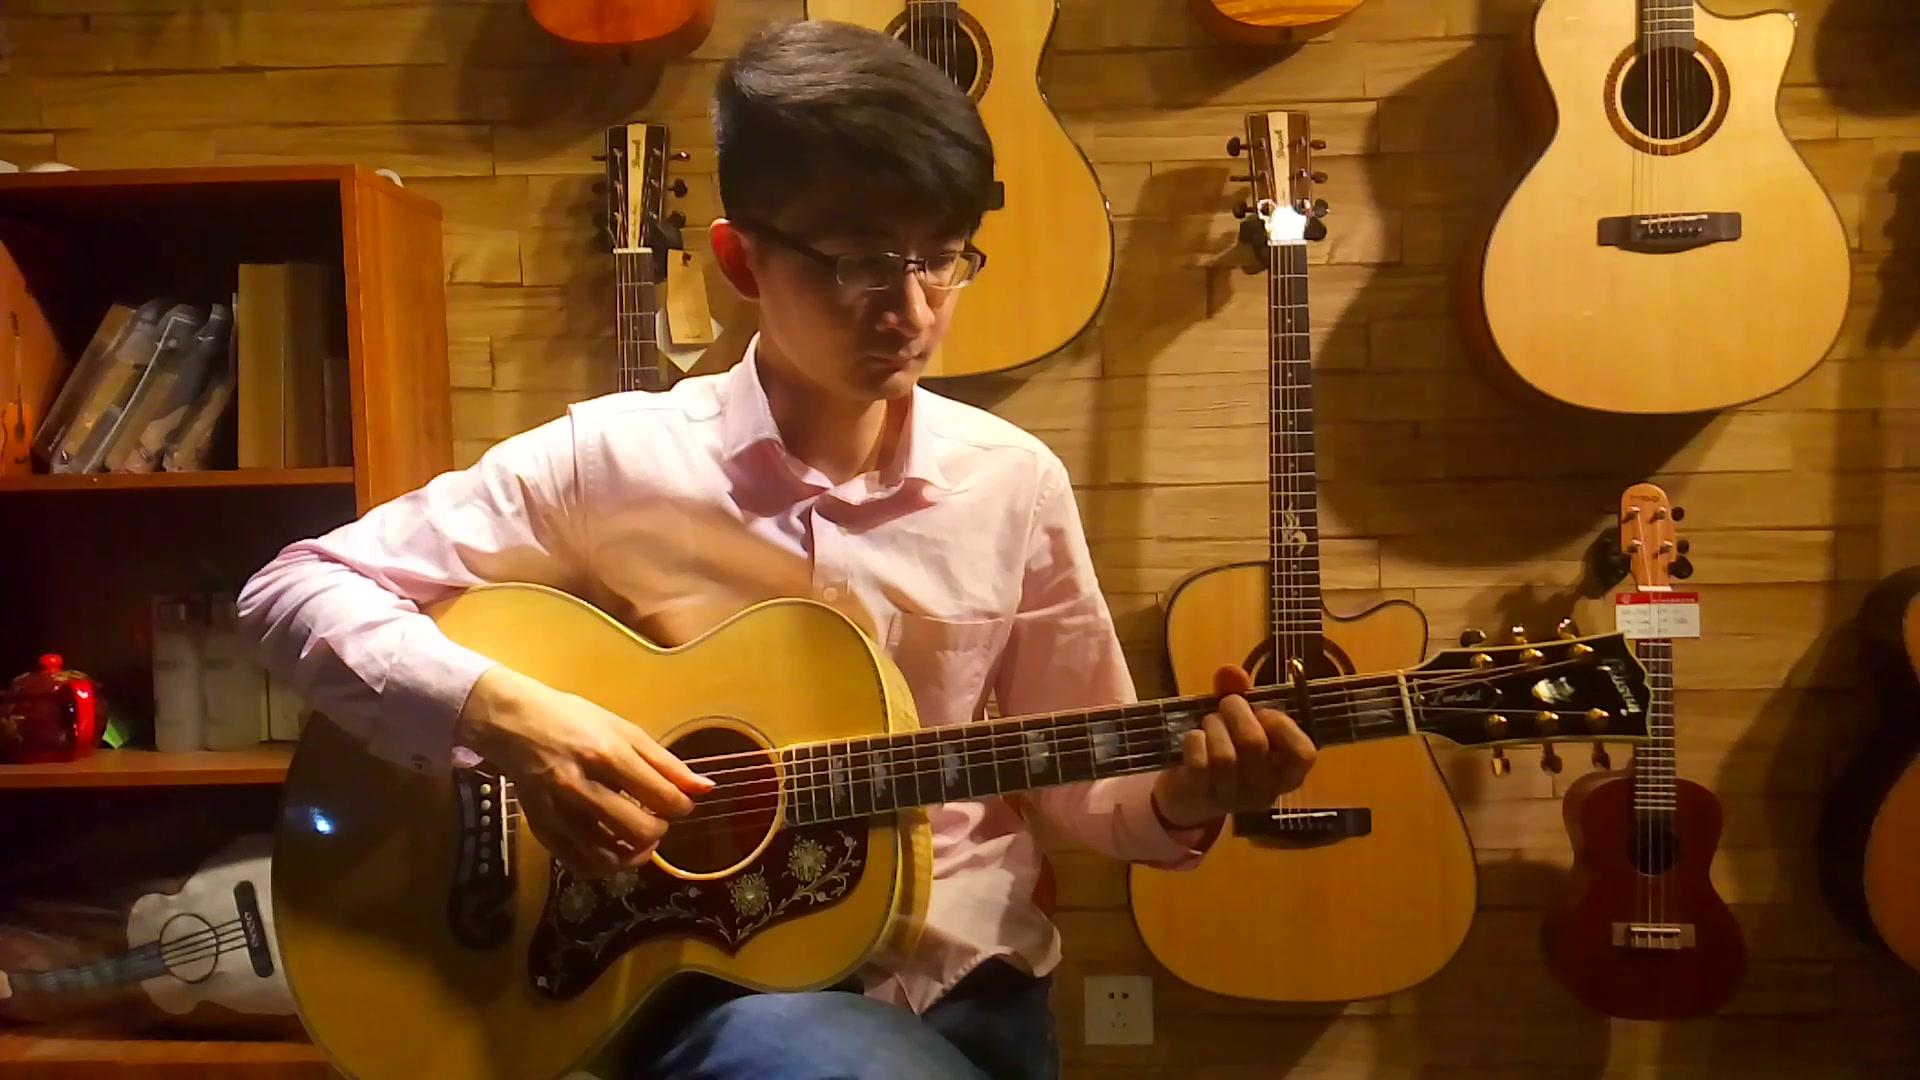 【指彈吉他】《奇妙能力歌》指彈改編版_演奏_音樂_bilibili_嗶哩嗶哩